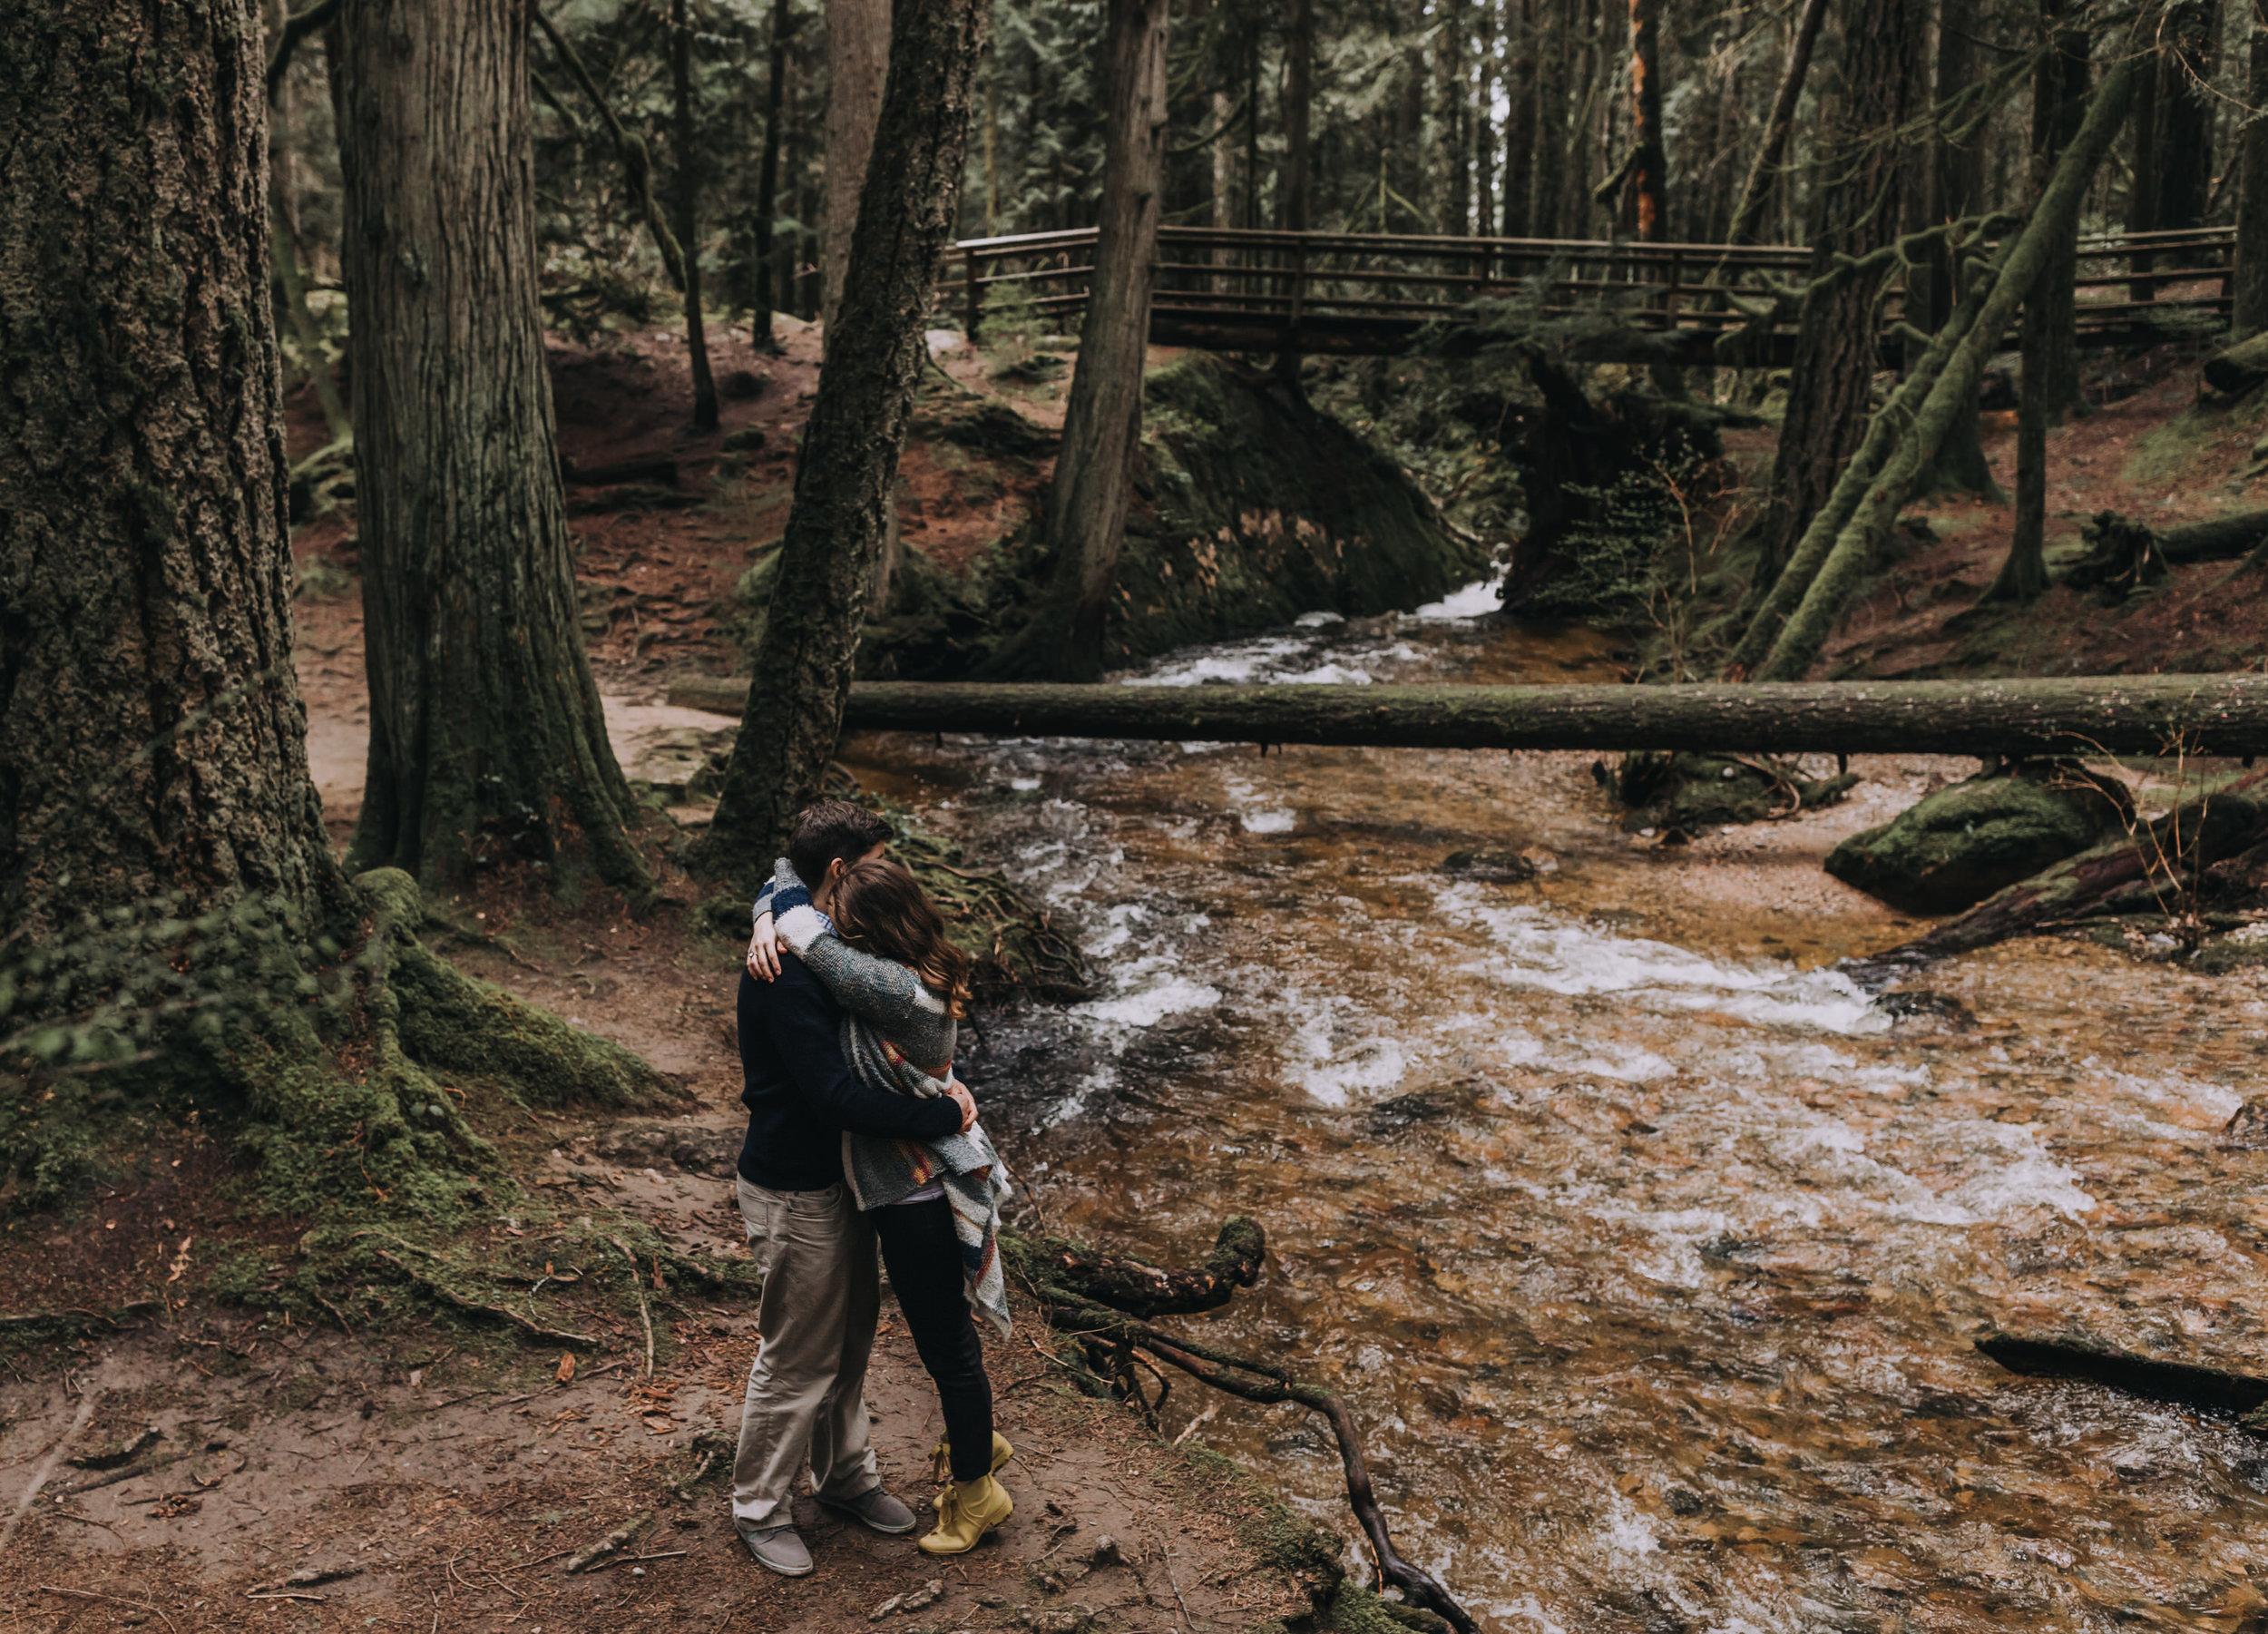 Forest Engagement Photos - Sunshine Coast BC Engagement Photos -  Sunshine Coast Wedding Photographer - Vancouver Wedding Photographer - Jennifer Picard406.JPG